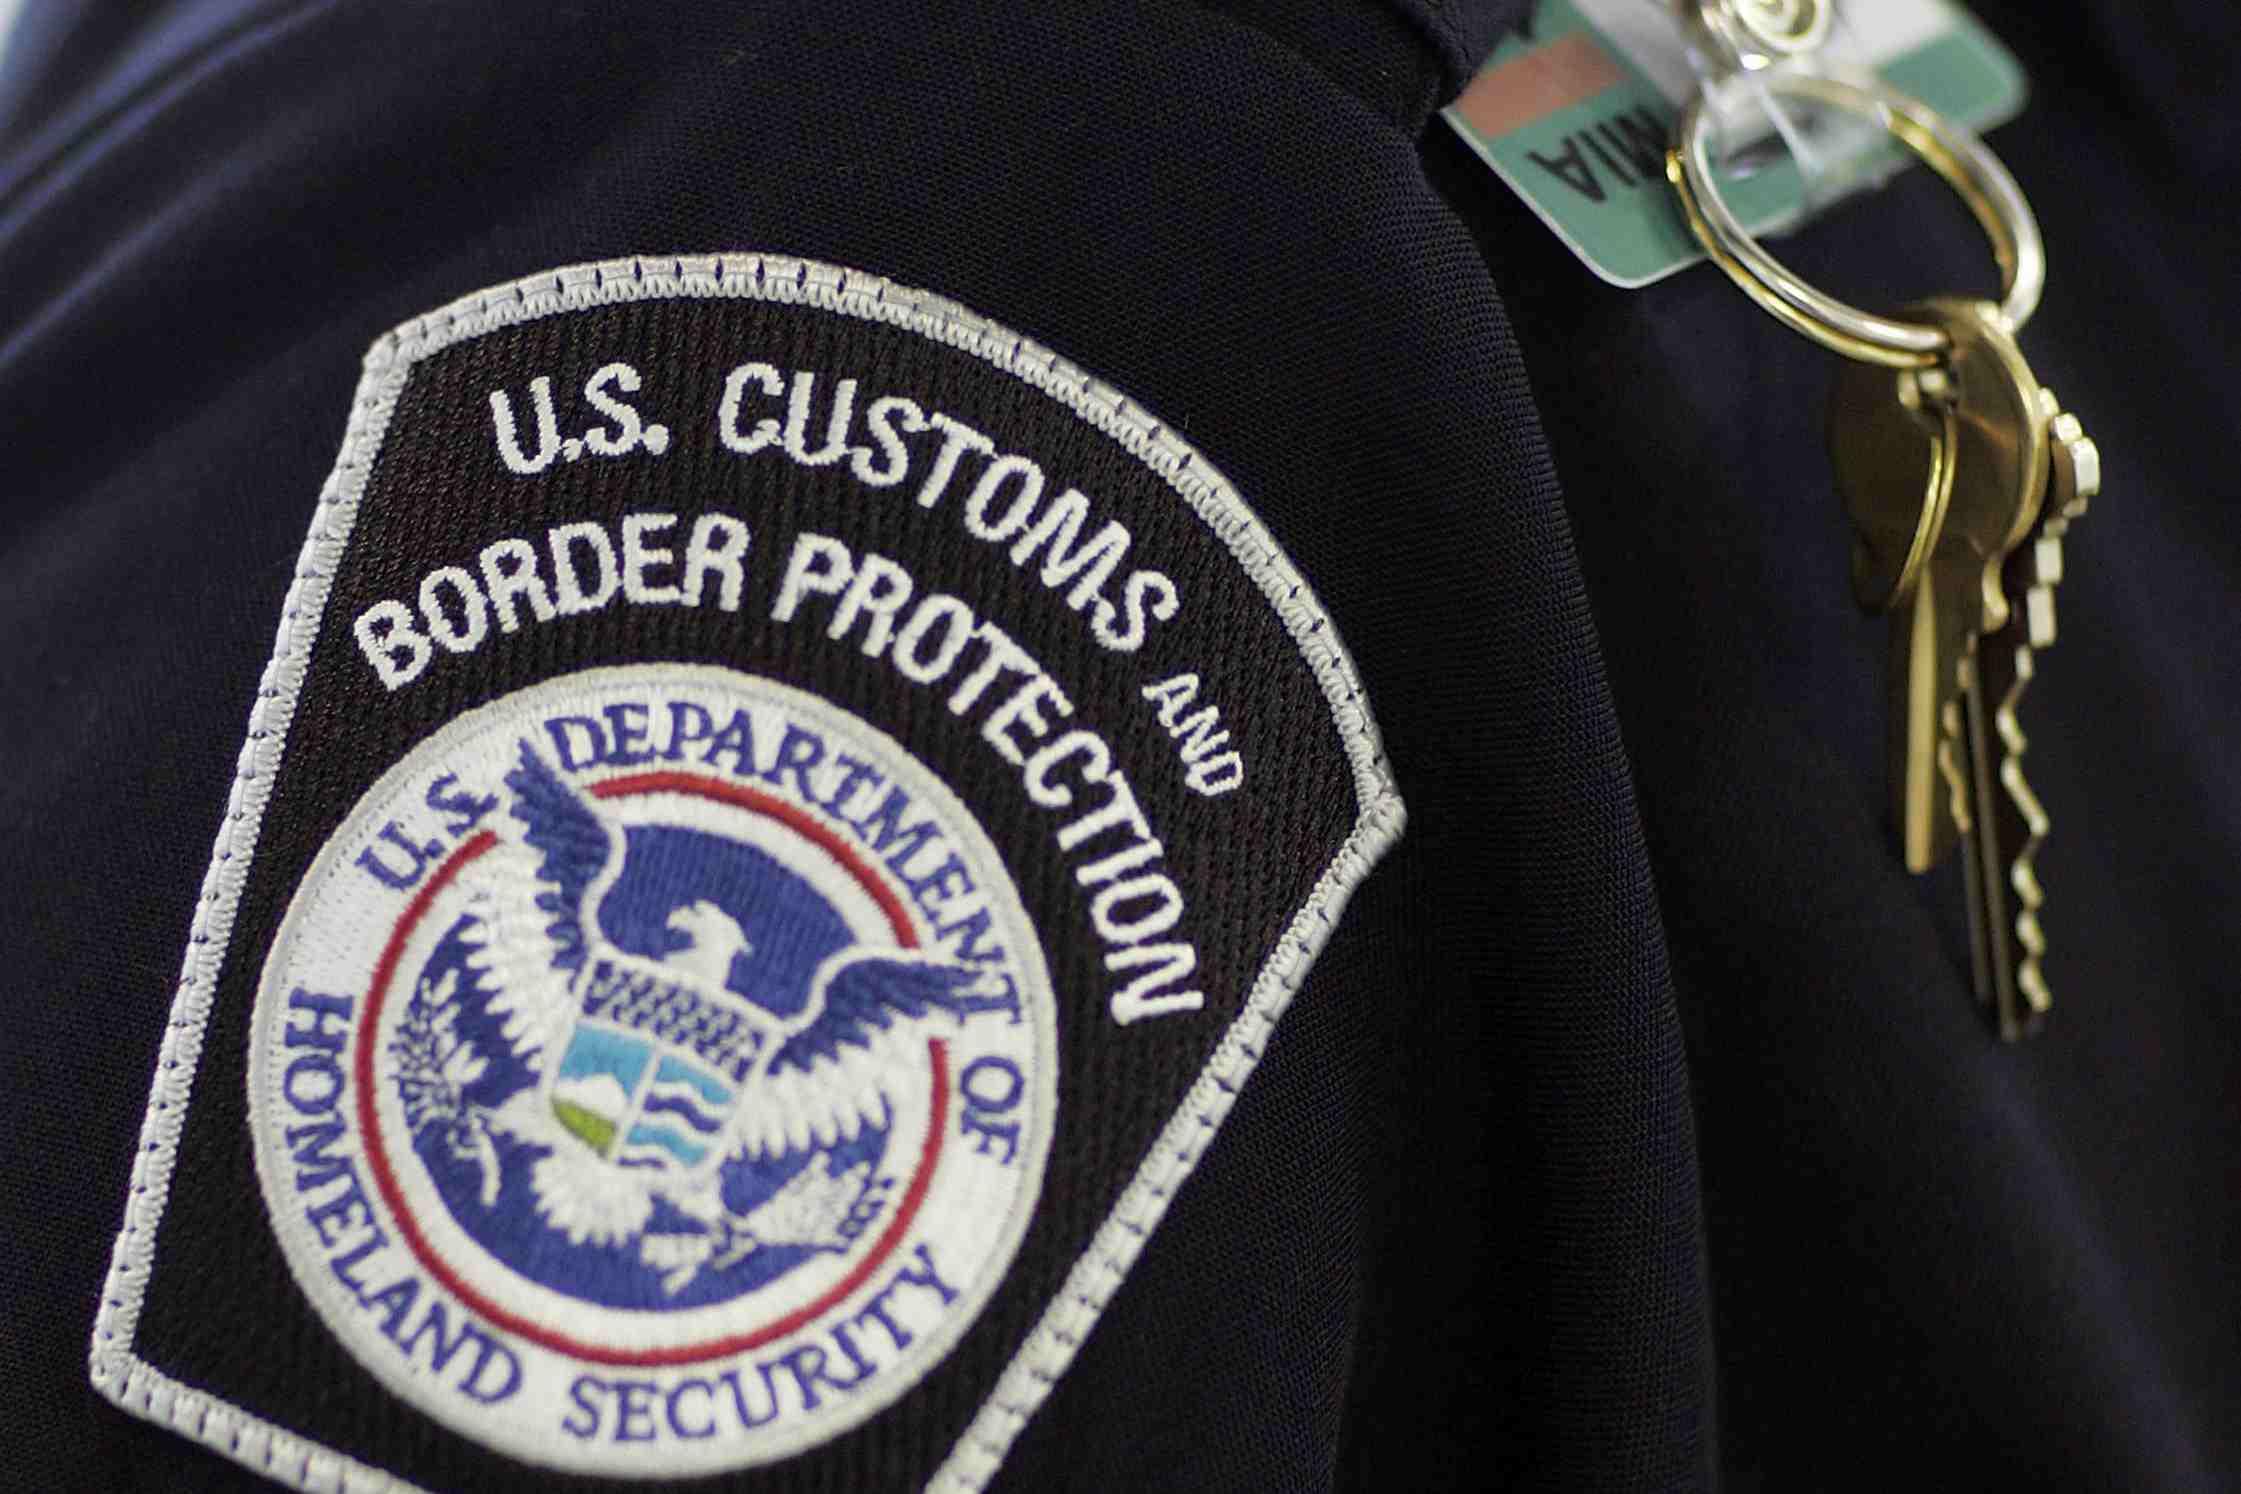 Customs officer badge